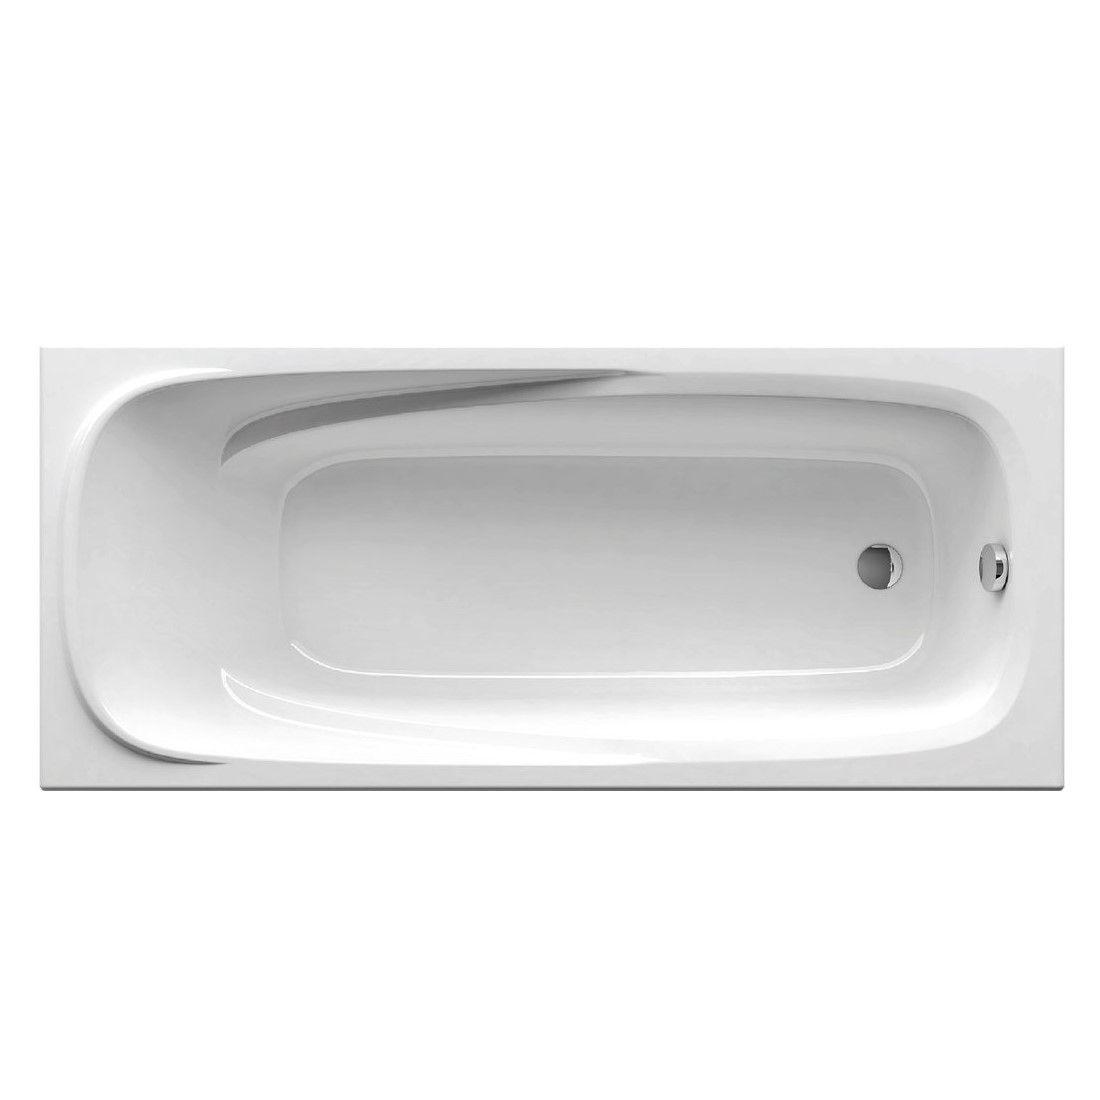 Прямоугольная ванна Ravak Vanda II 150x70 ФОТО